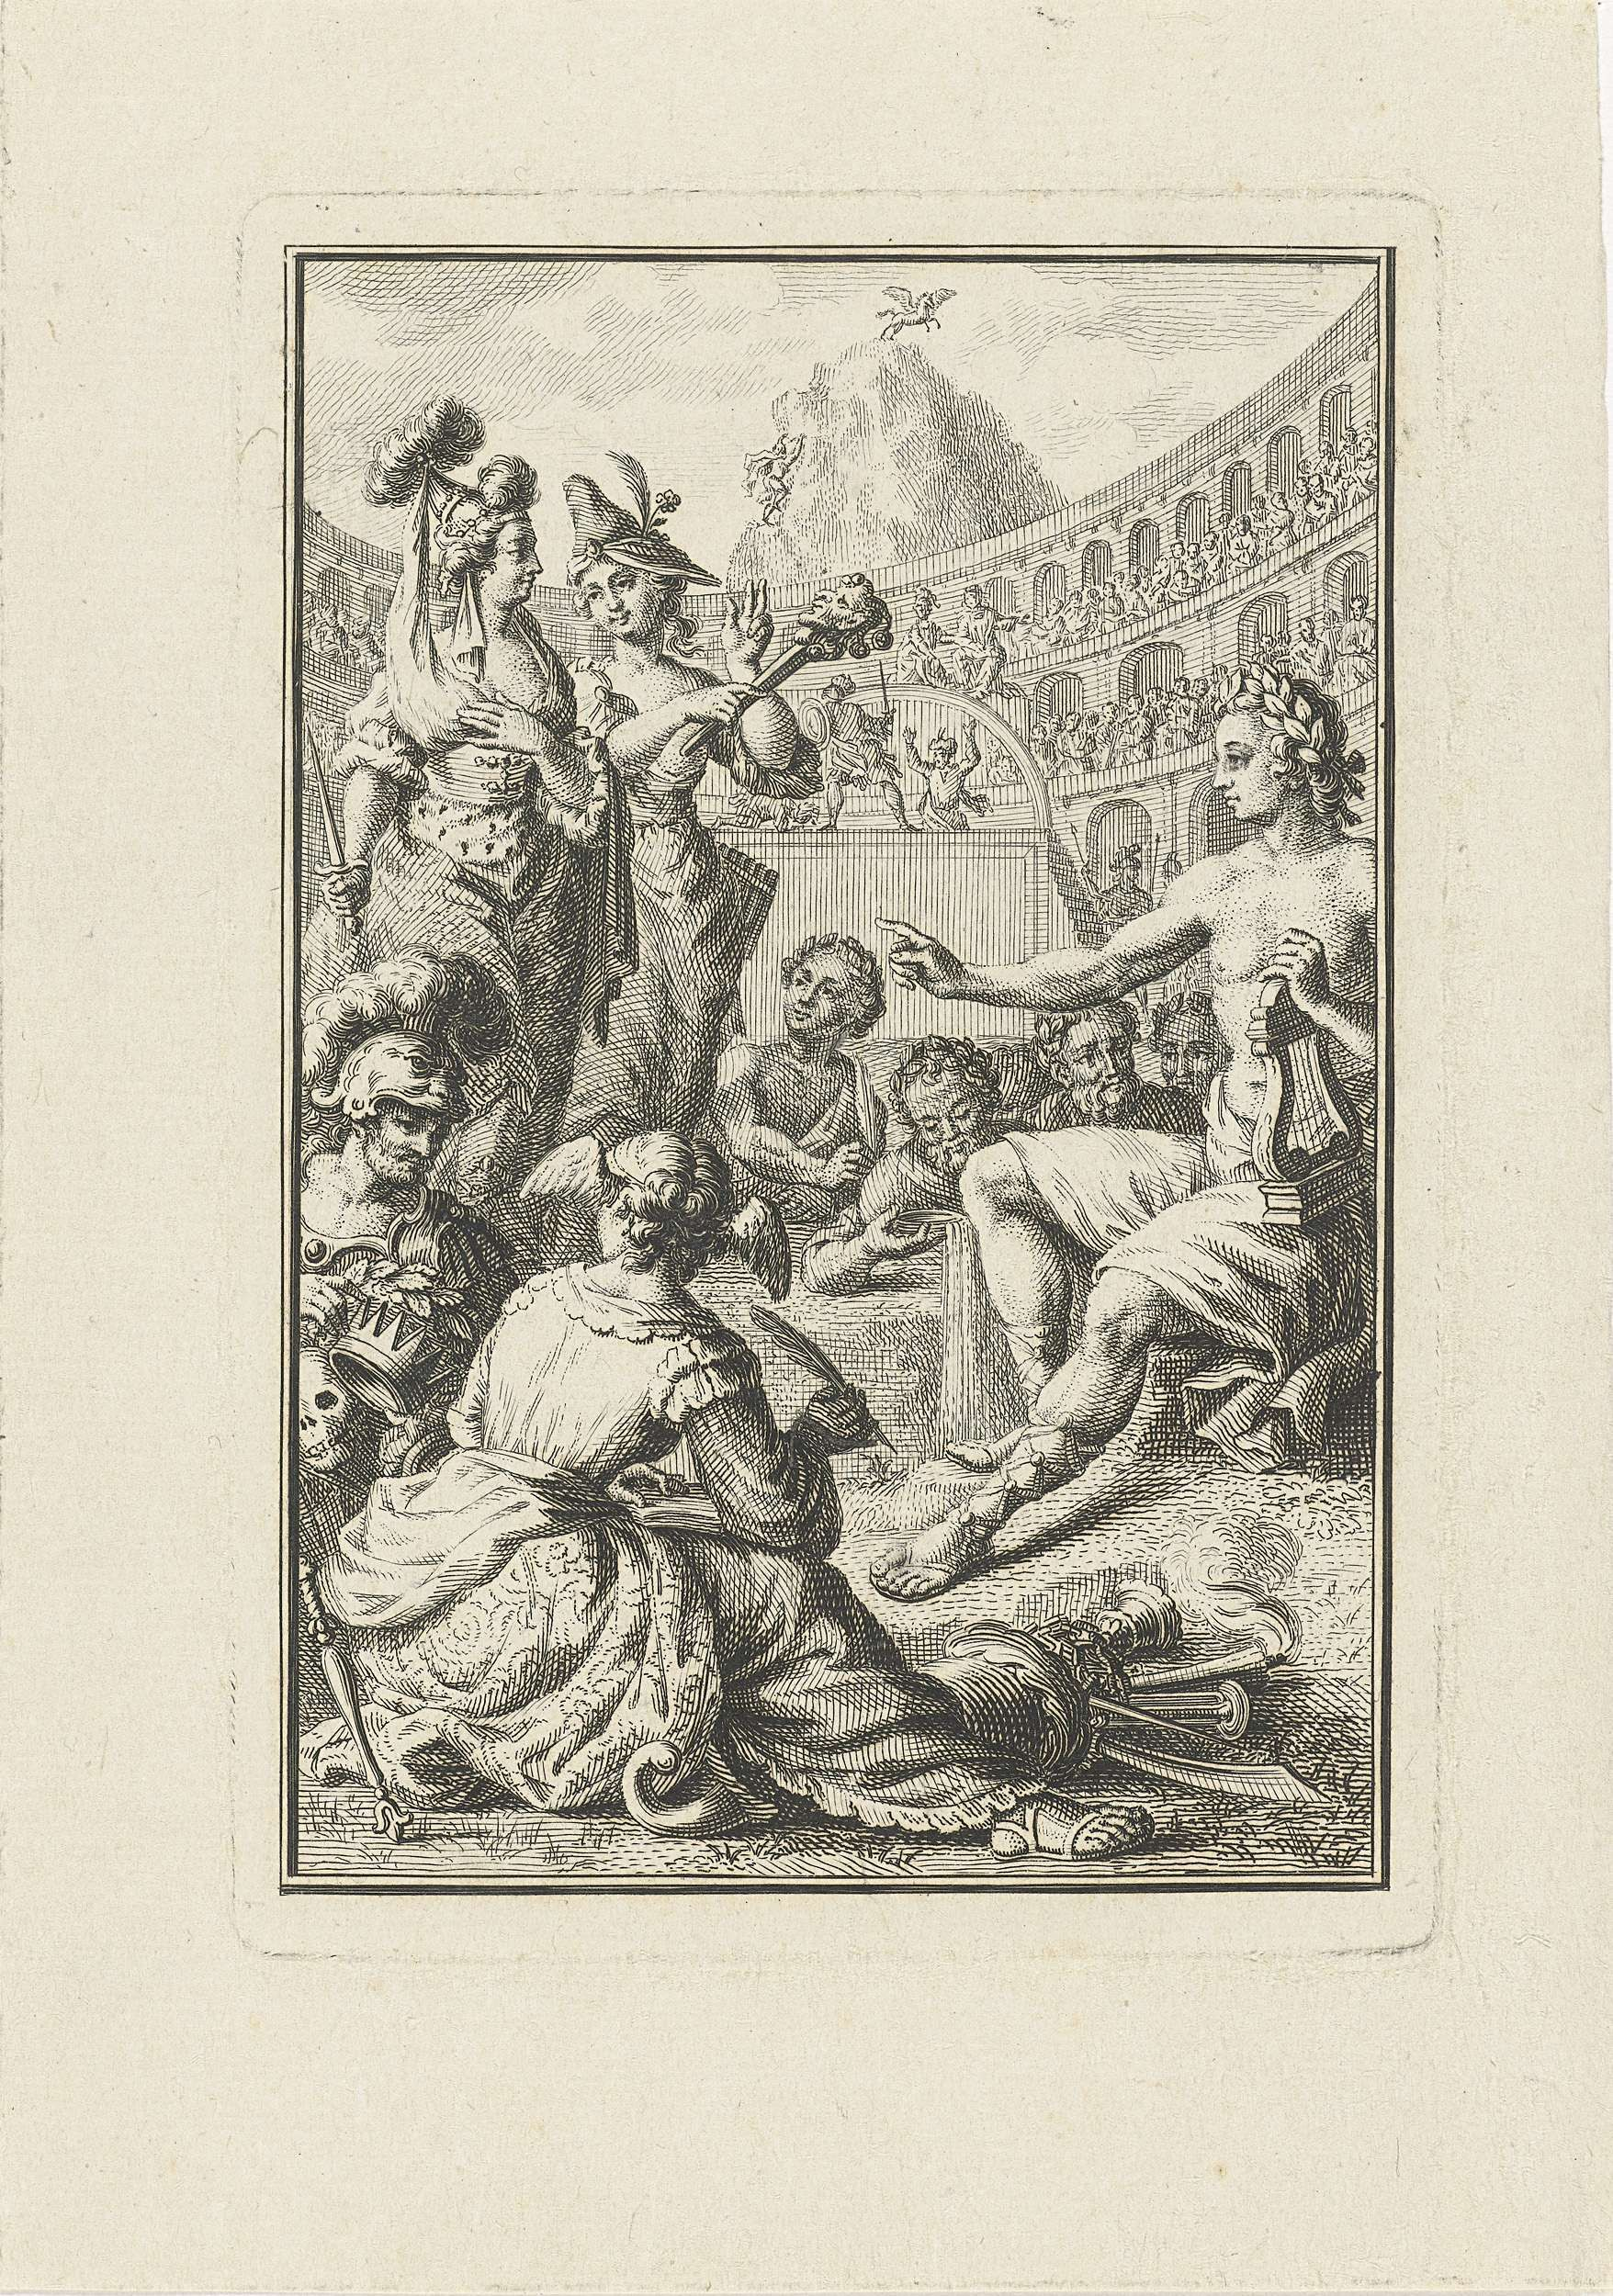 Abraham Delfos | Allegorie met Apollo, muzen en kunstenaars in amfitheater, Abraham Delfos, Romeyn de Hooghe, 1764 | Allegorie met Apollo en zijn muzen zittend tussen kunstenaars in amfitheater waar een voorstelling gaande is.